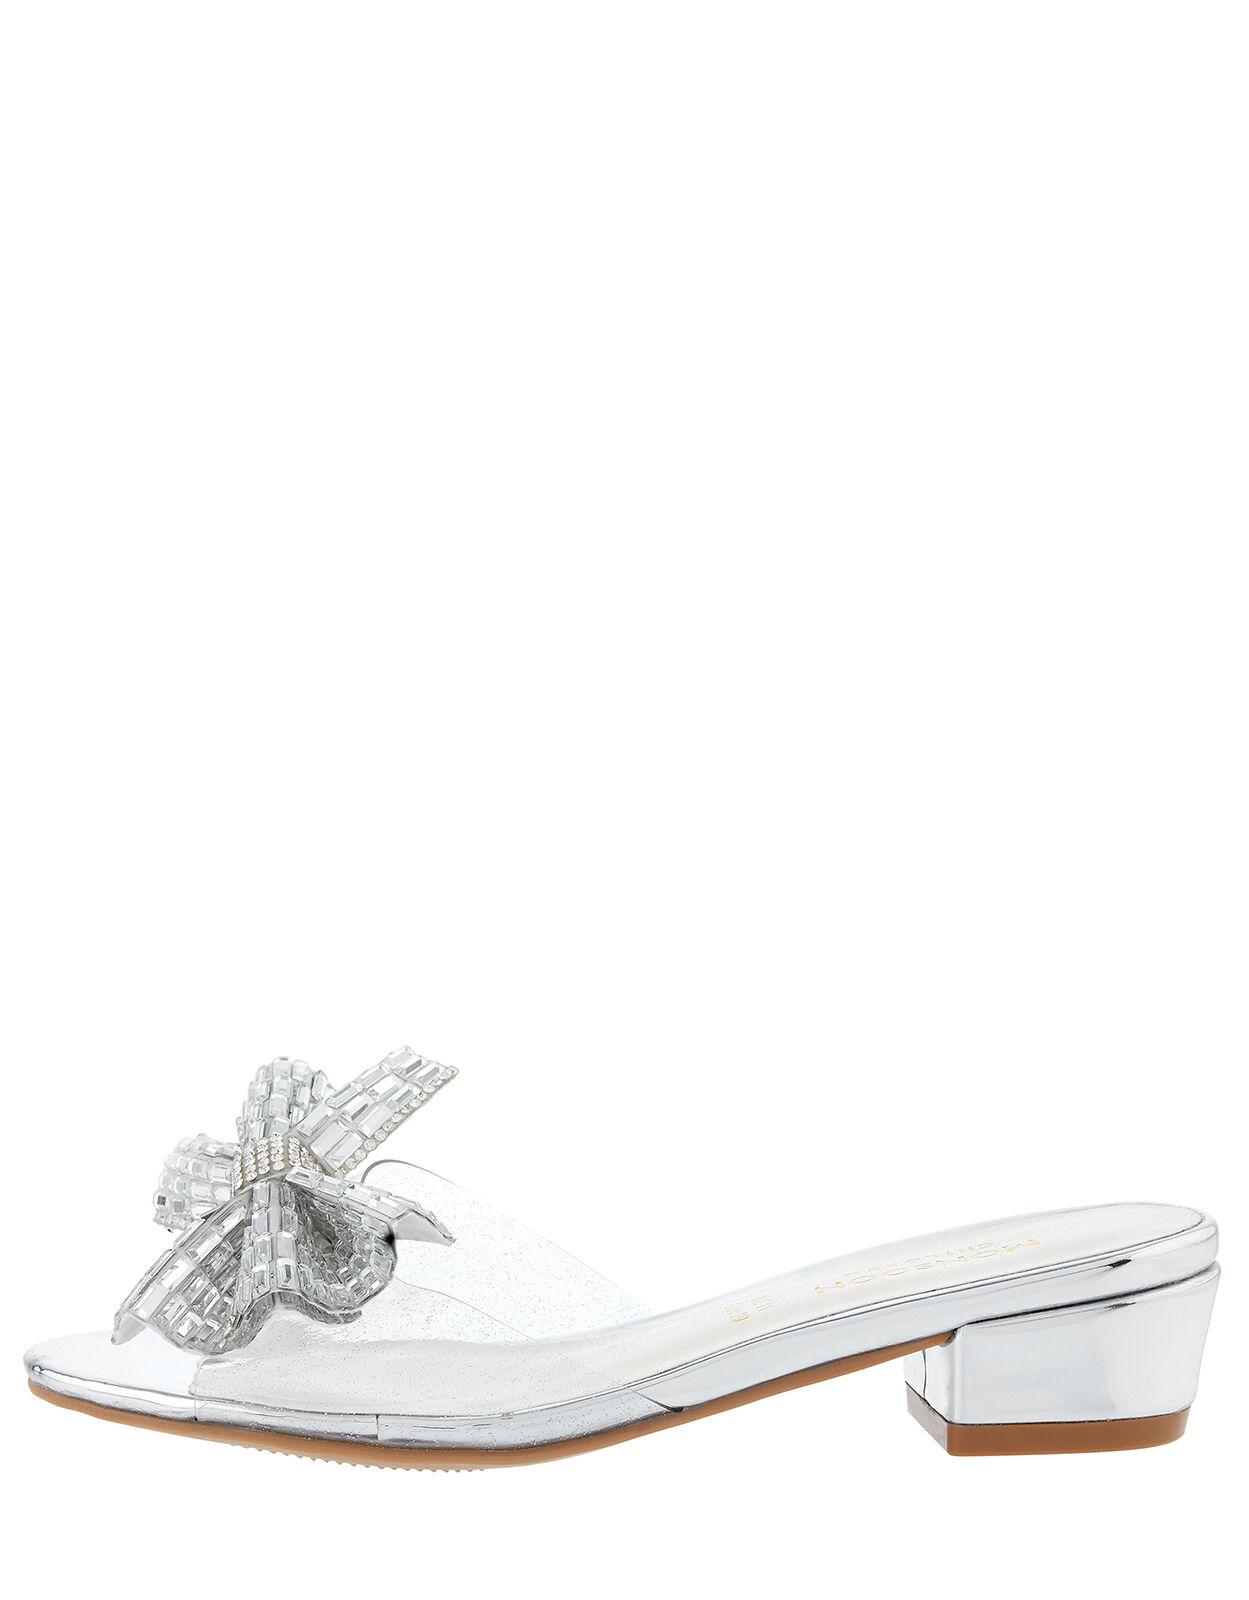 Princess Dazzle Slipper Sandals Silver